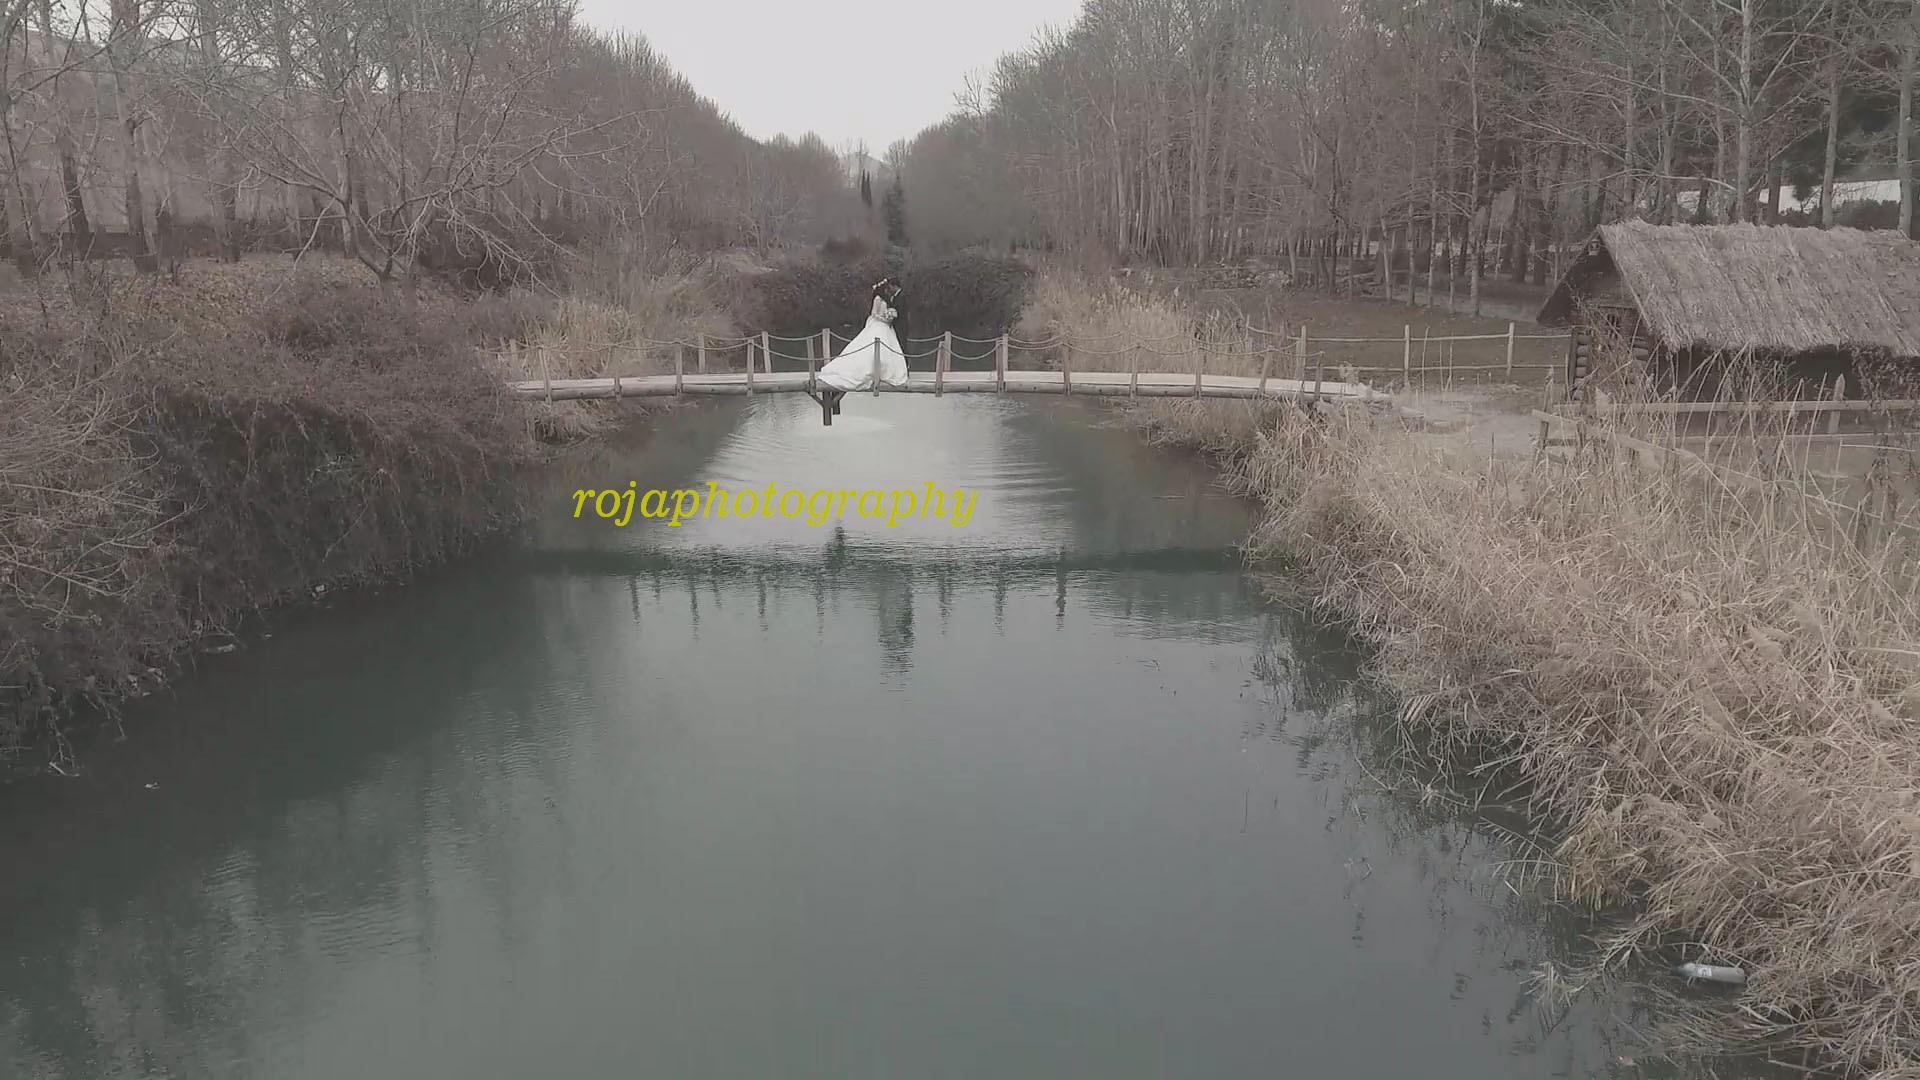 استودیو عکس و فیلم روجا   پل و رودخانه 2